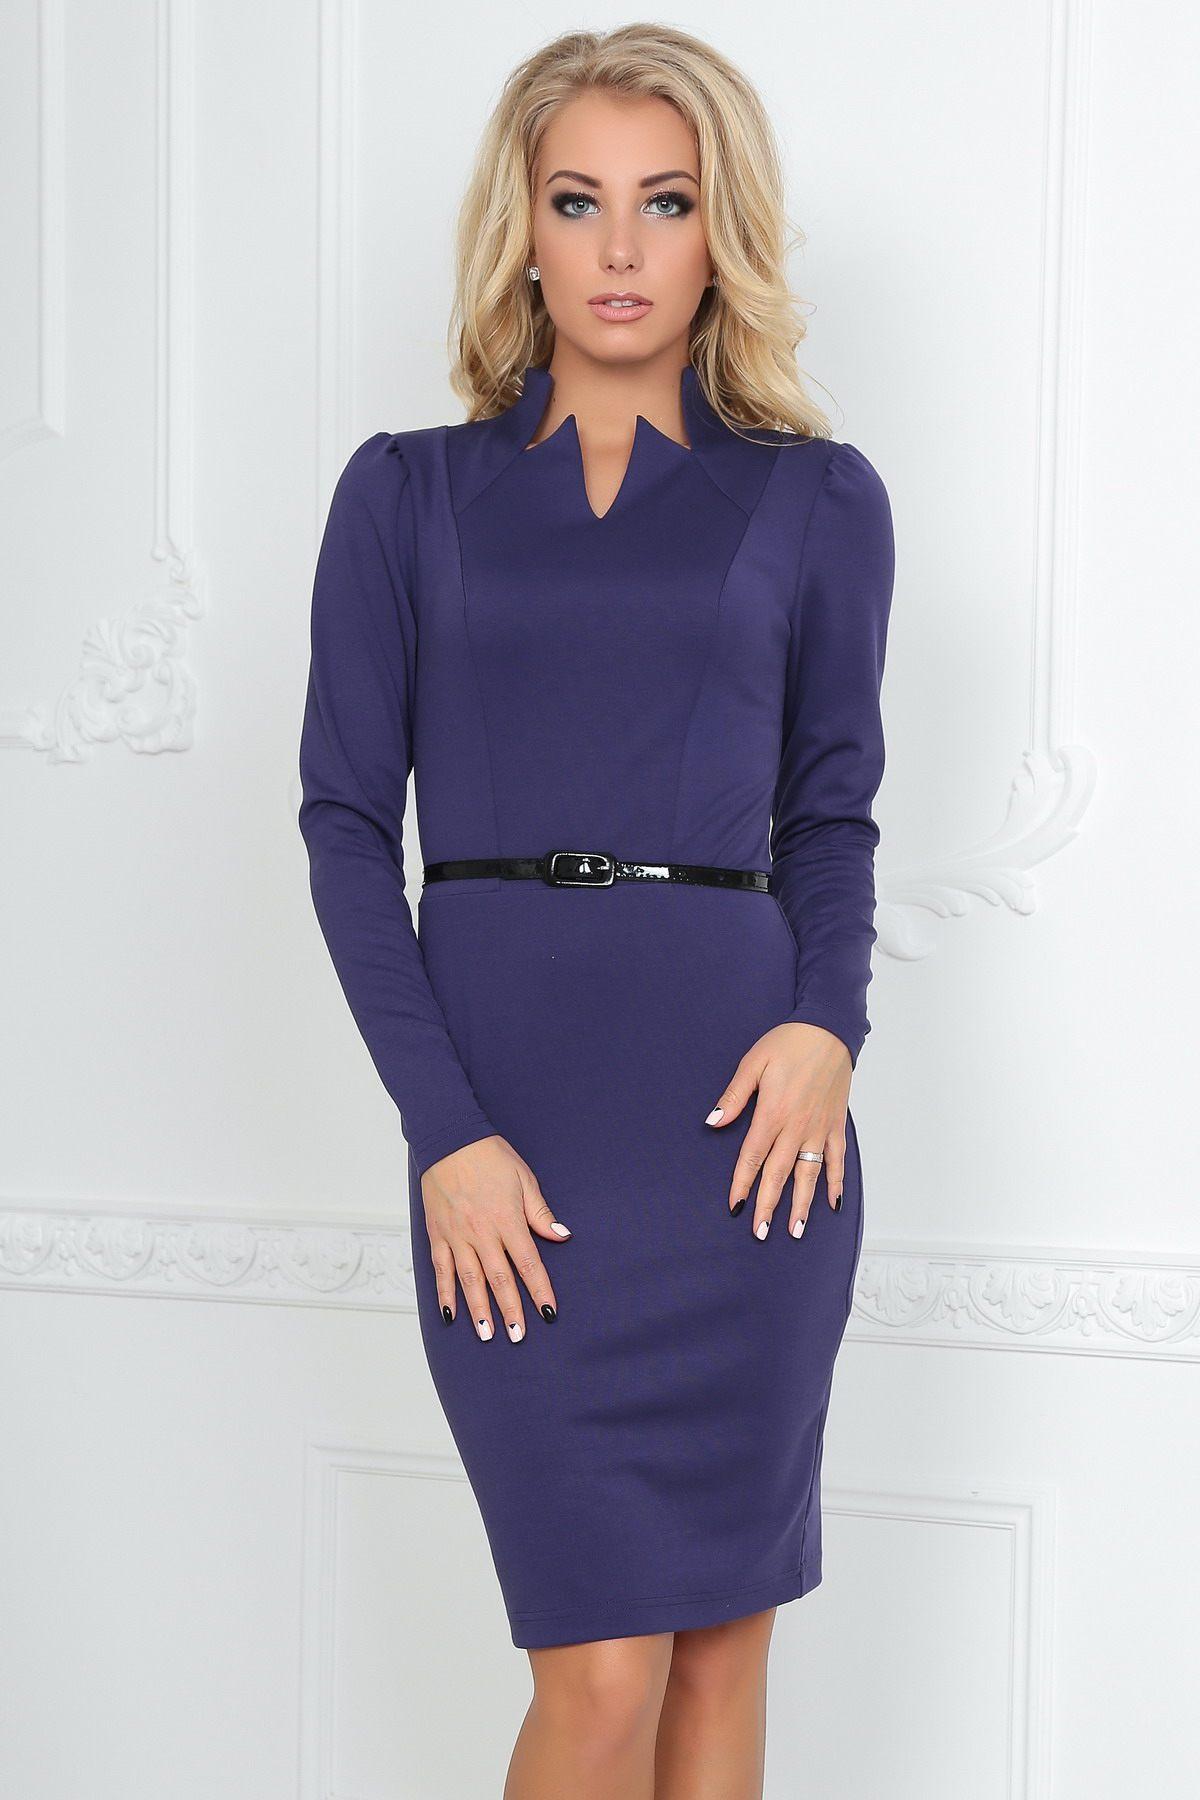 249f09dc4ef Деловую моду для женщин невозможно представить без платья-футляр. Этот фасон  одинаково стильно выглядит как на стройных